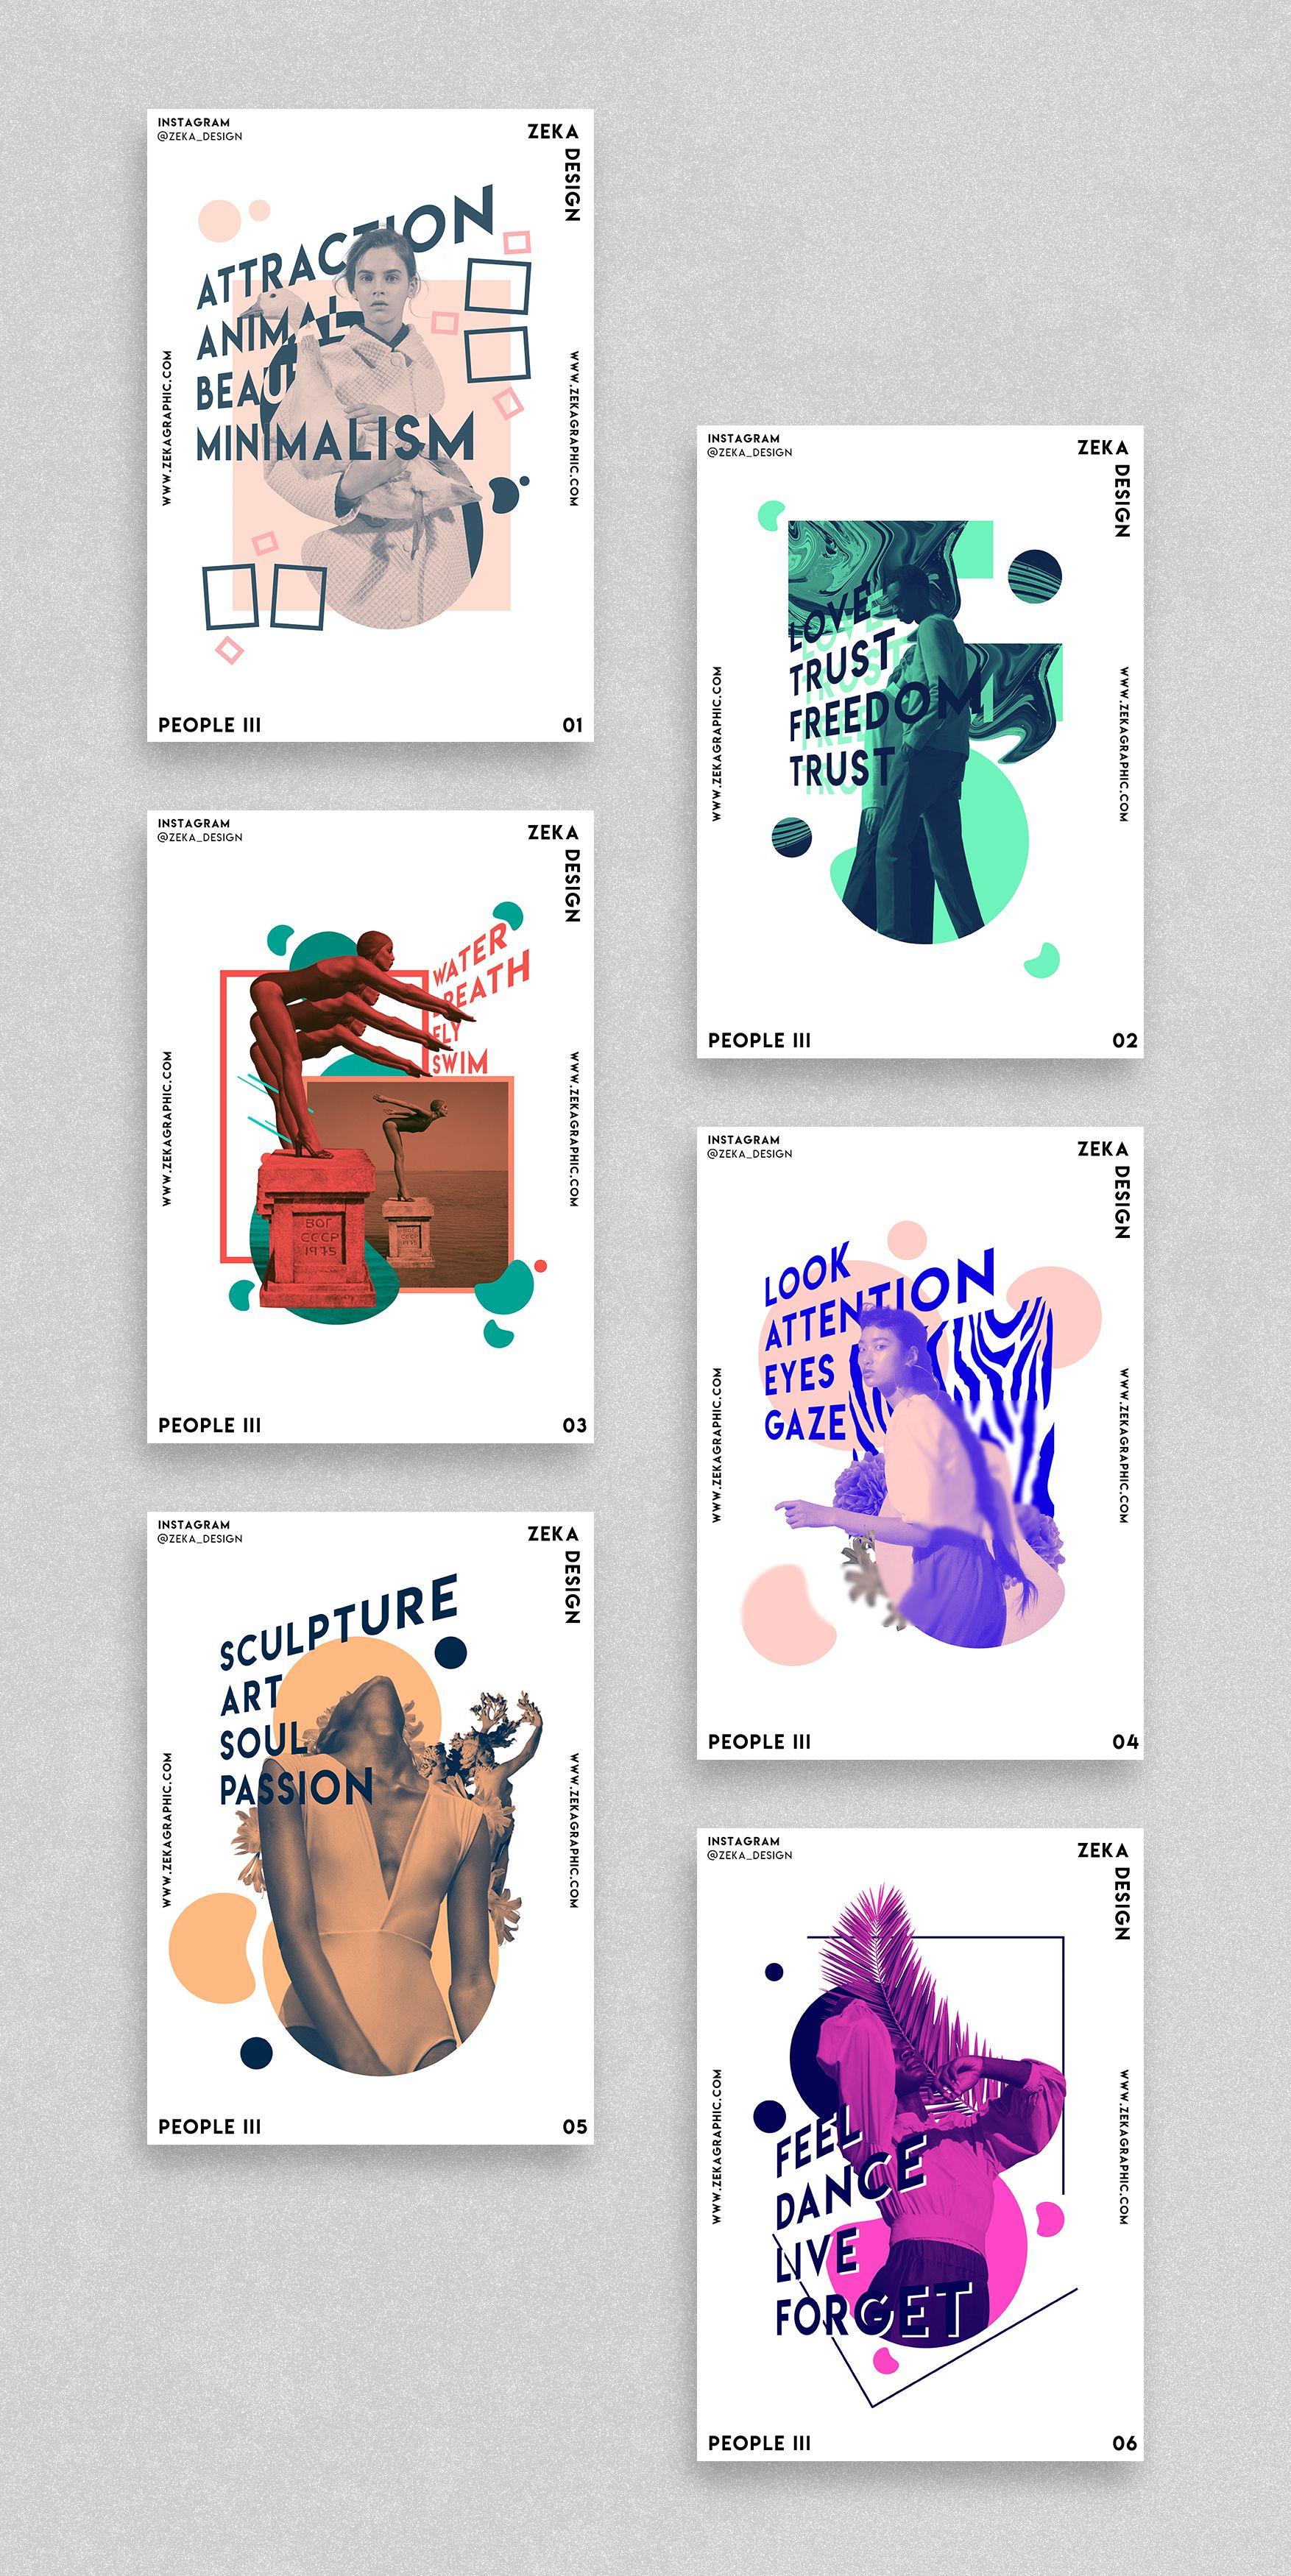 People III Poster Series